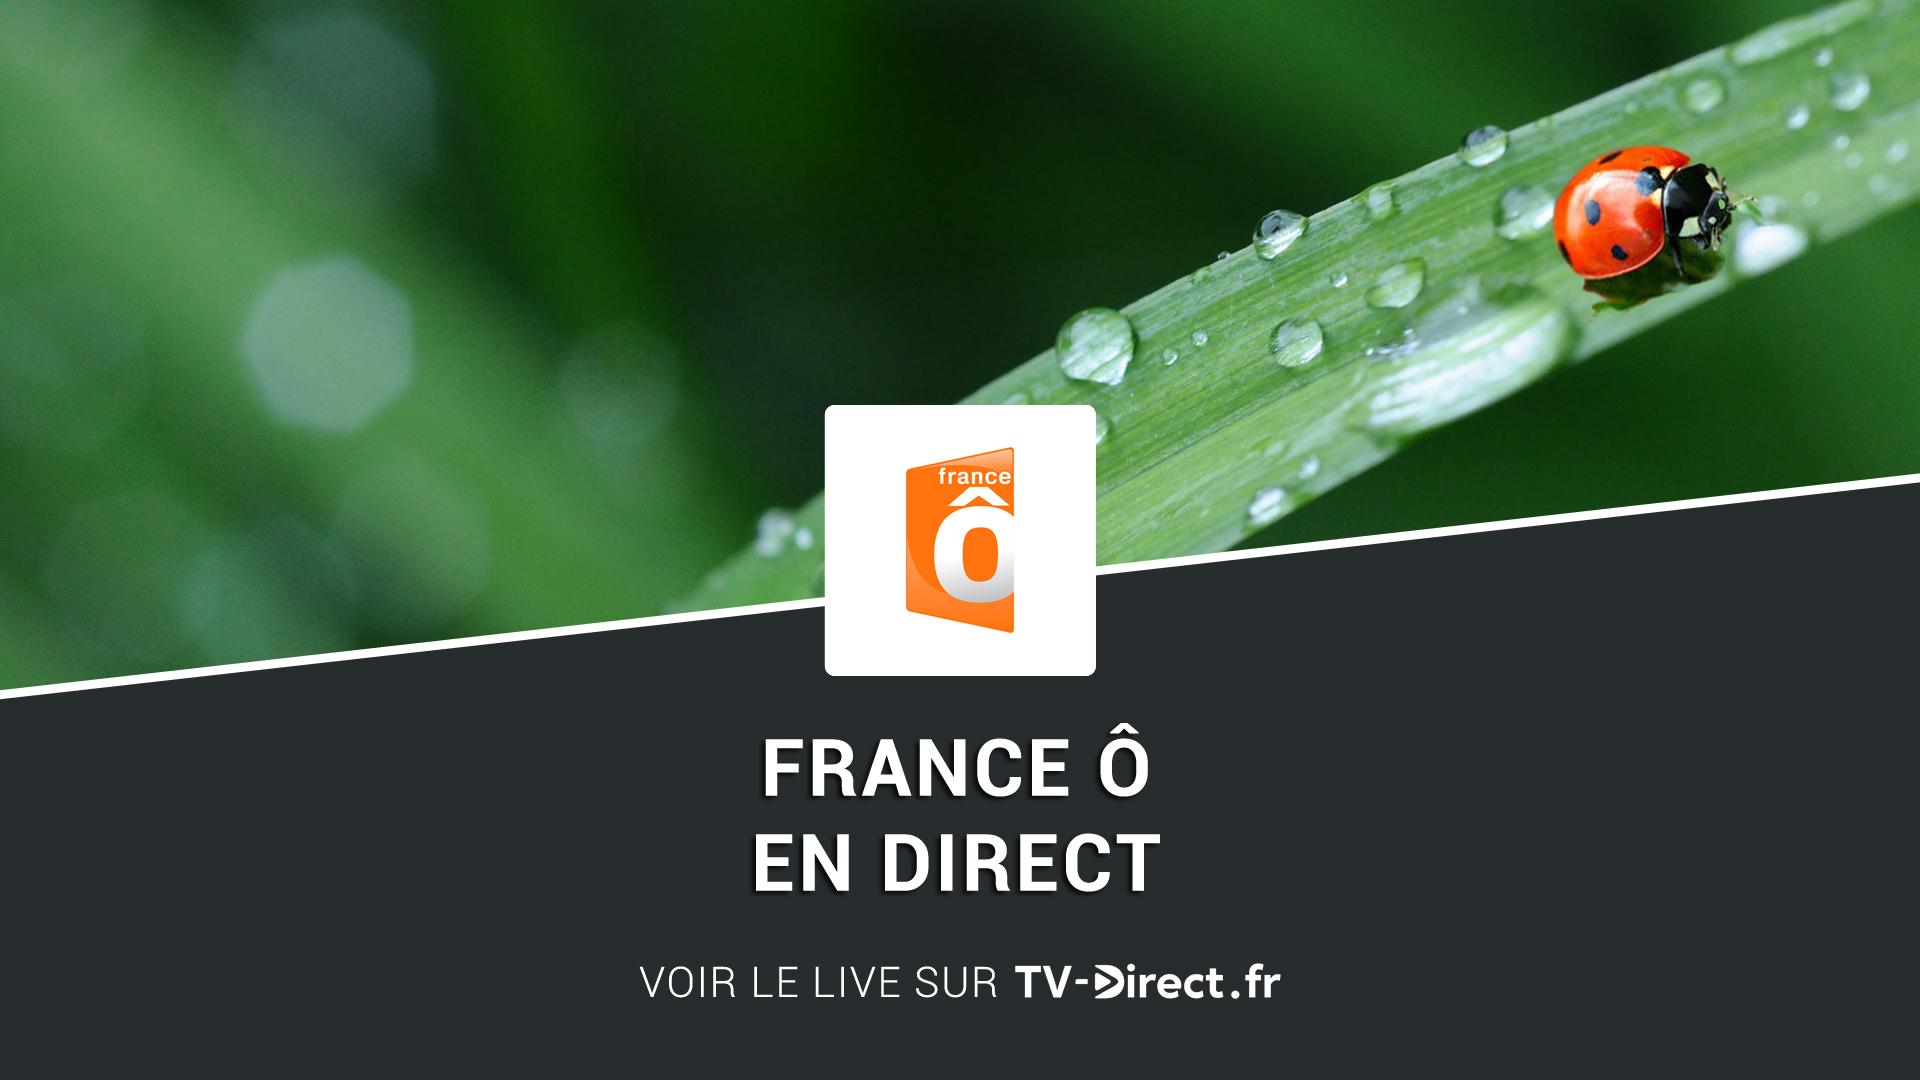 france2 en direct